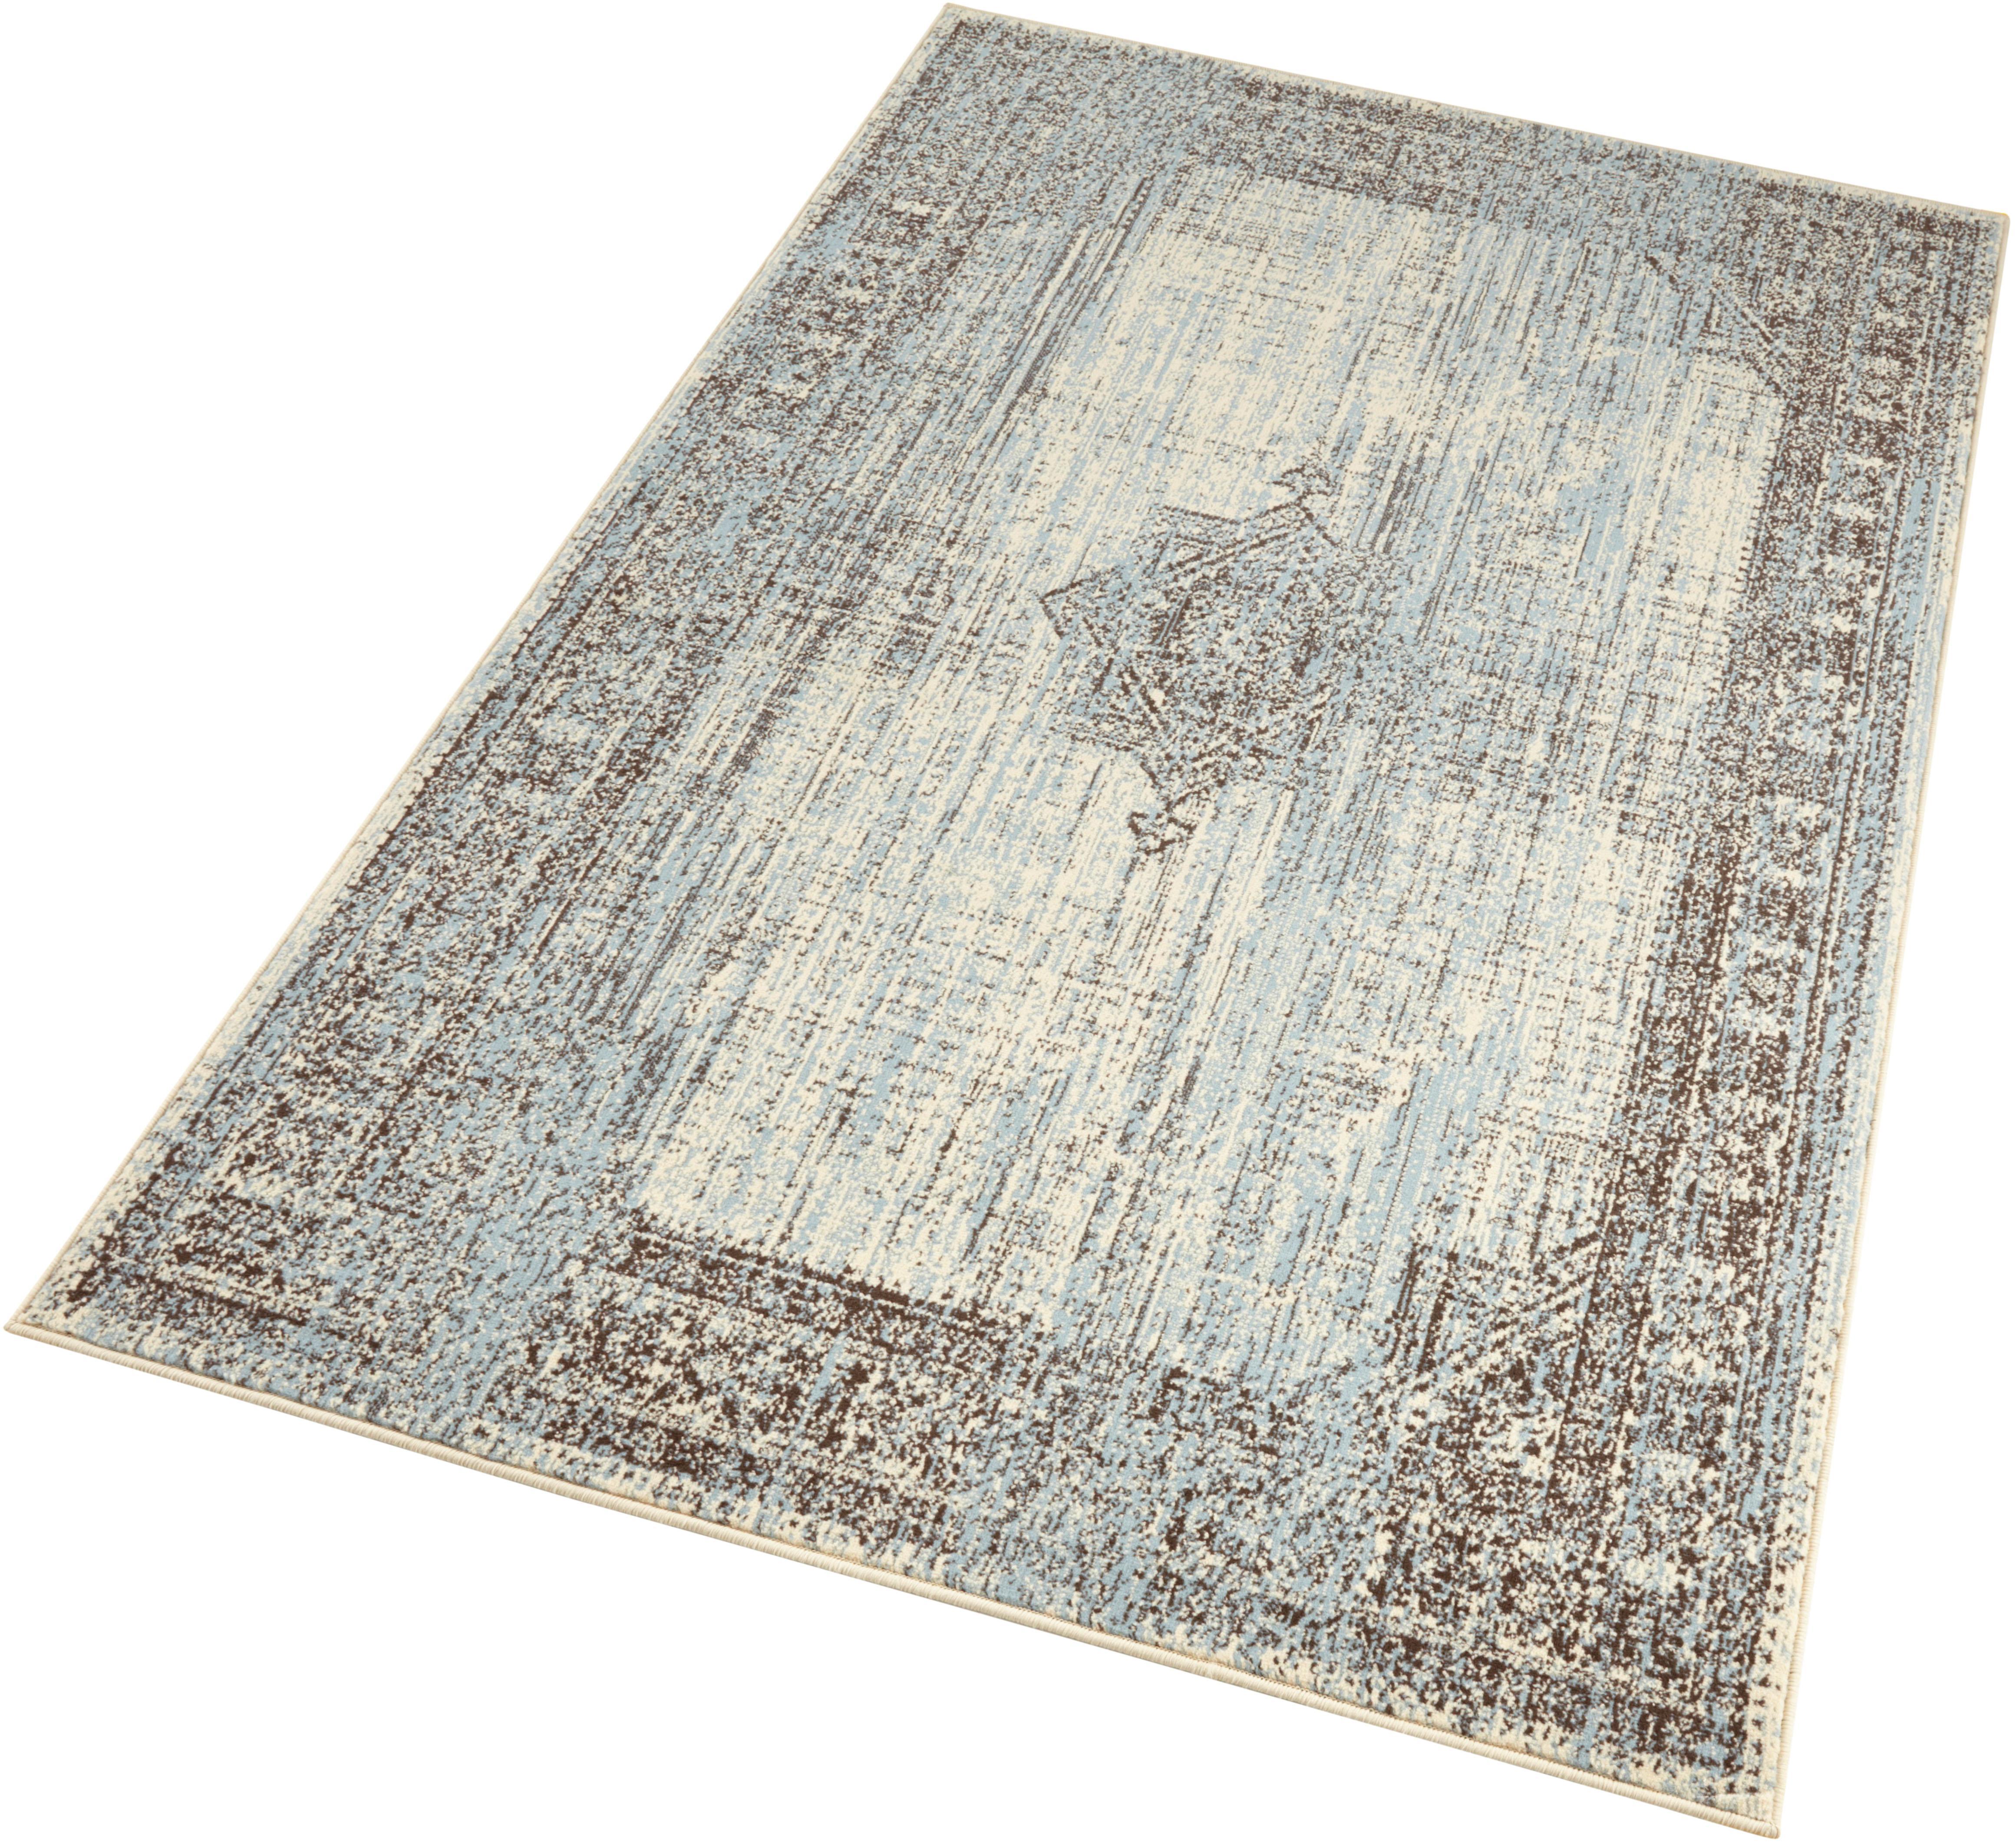 Teppich Elysium HANSE Home rechteckig Höhe 9 mm maschinell gewebt